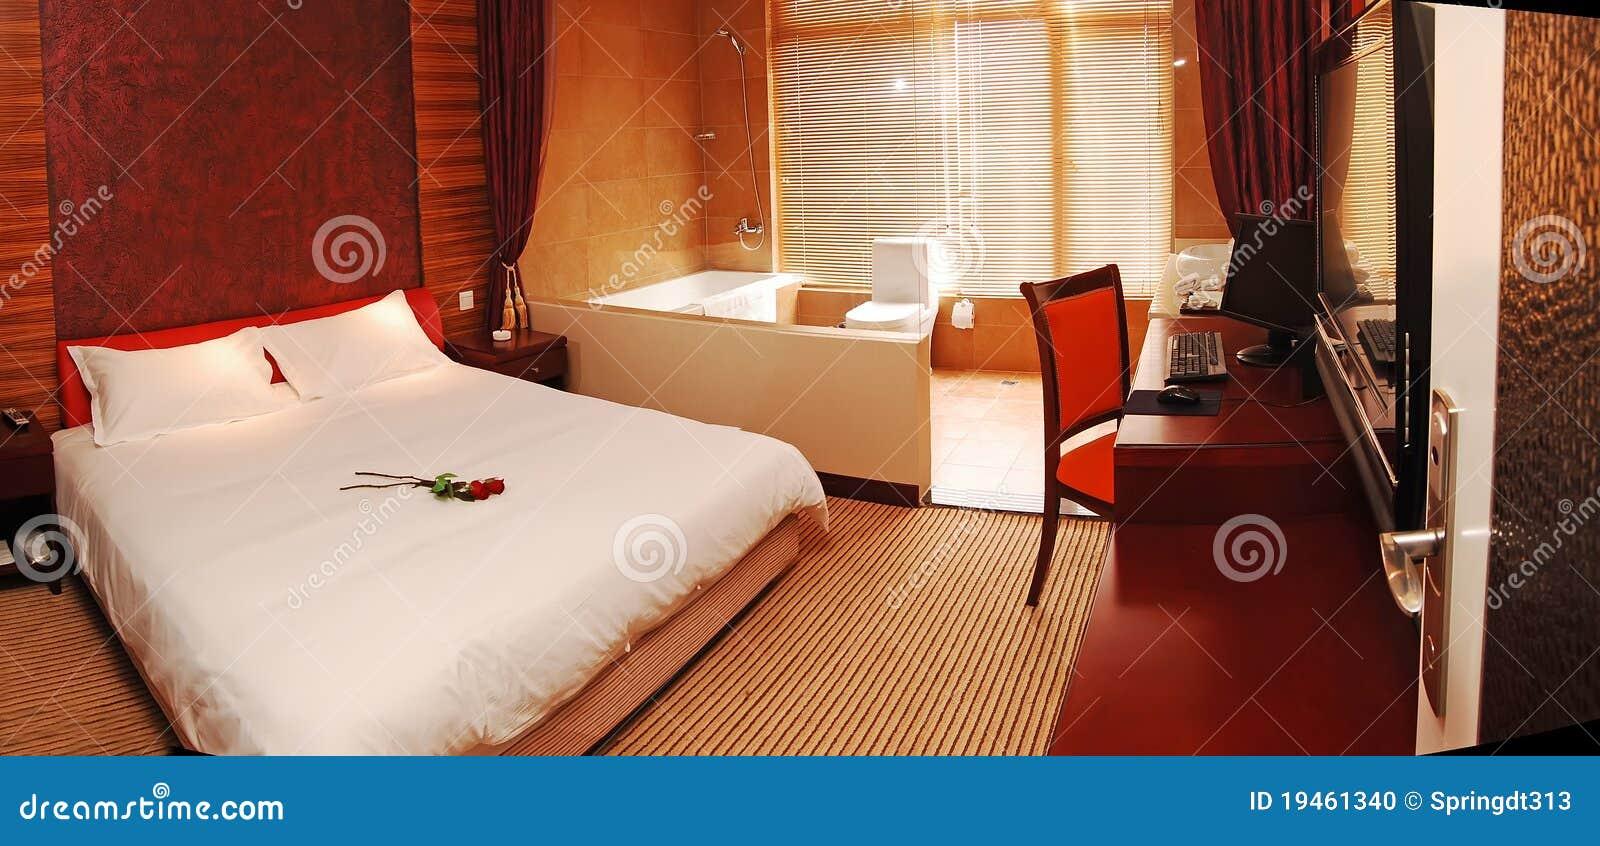 Romantische slaapkamer stock foto beeld 19461340 - Romantische slaapkamer ...